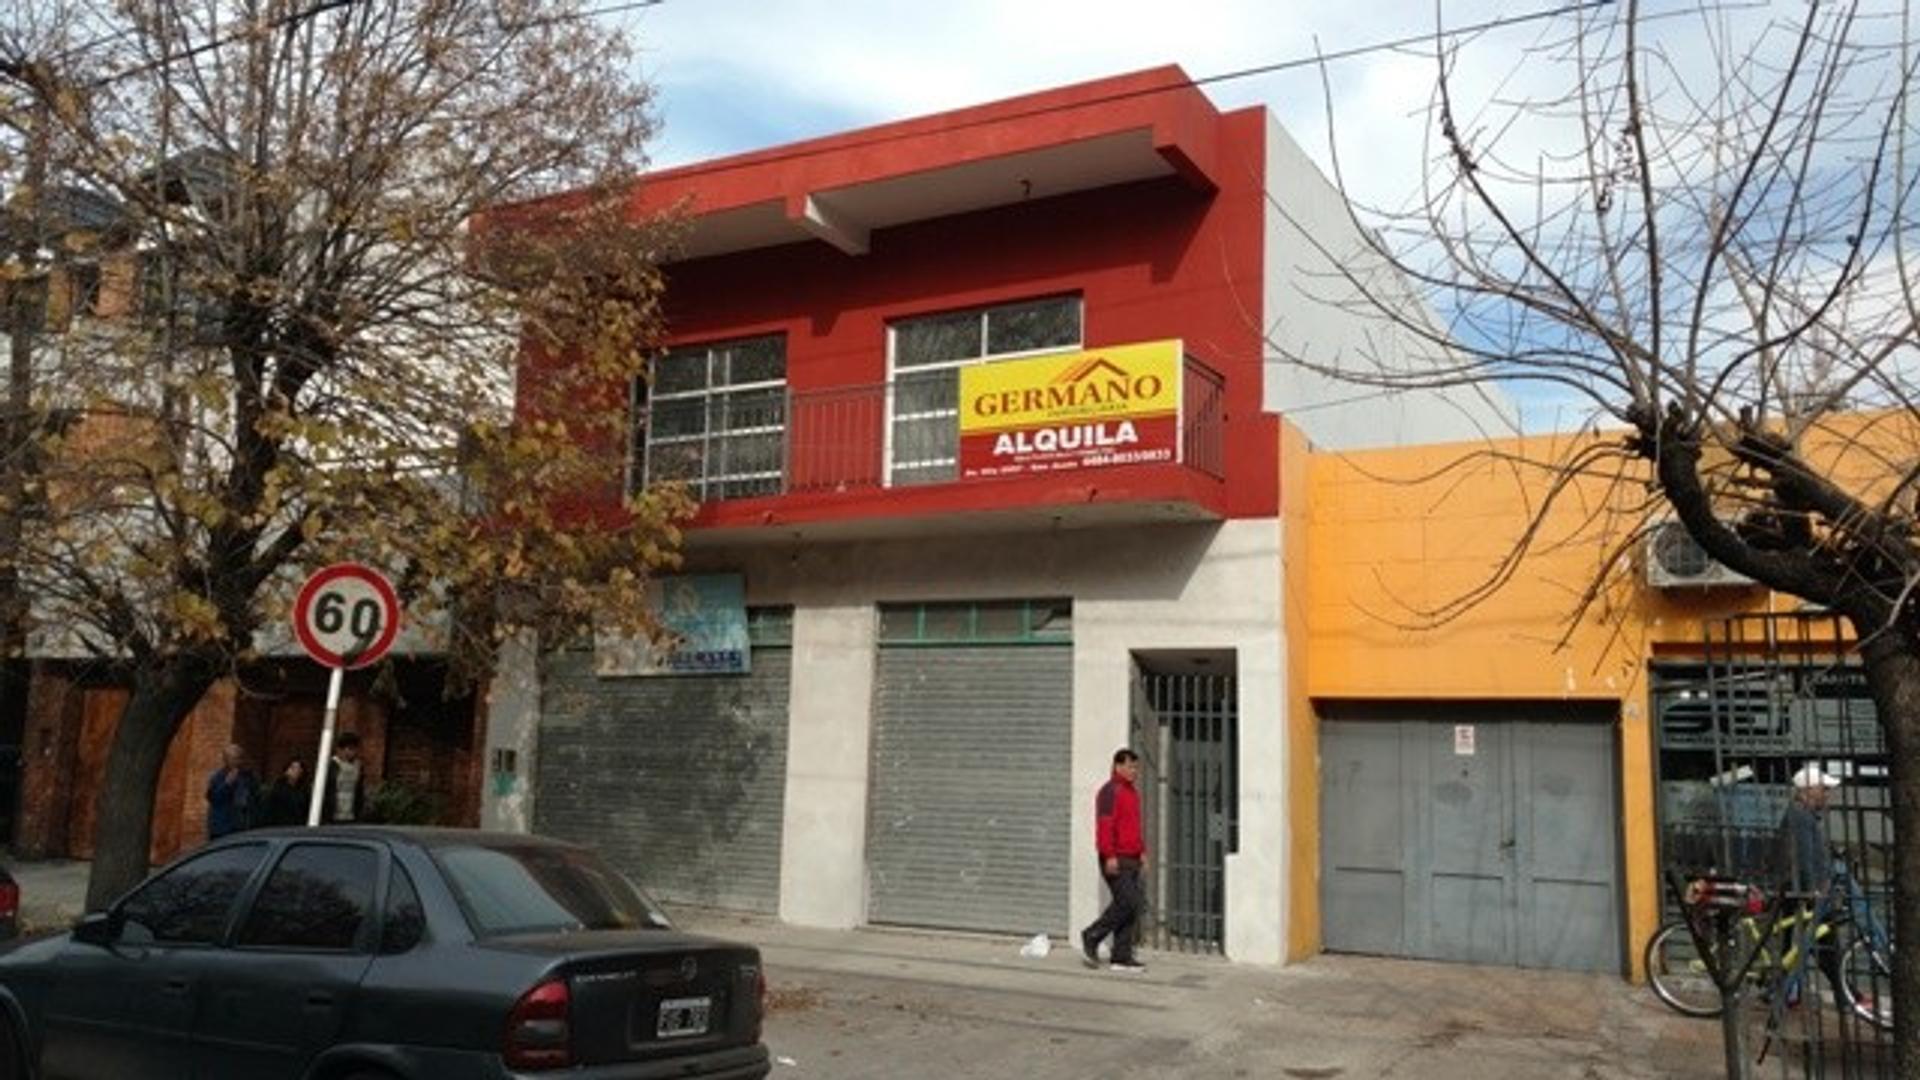 XINTEL(GEP-GEP-401) Local - Alquiler - Argentina, La Matanza - PERON, JUAN D. PTE. 3100